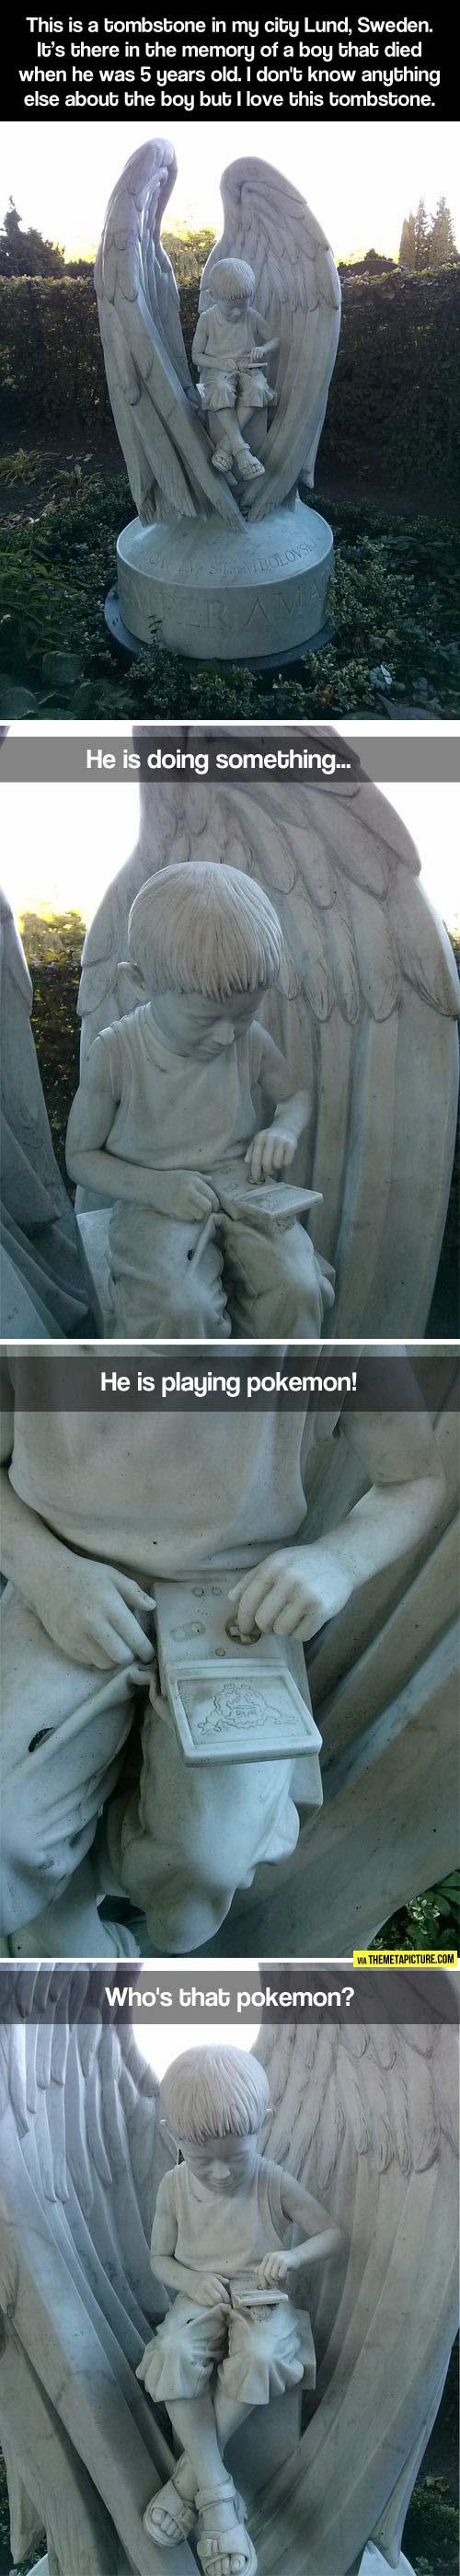 Amazing tombstone...